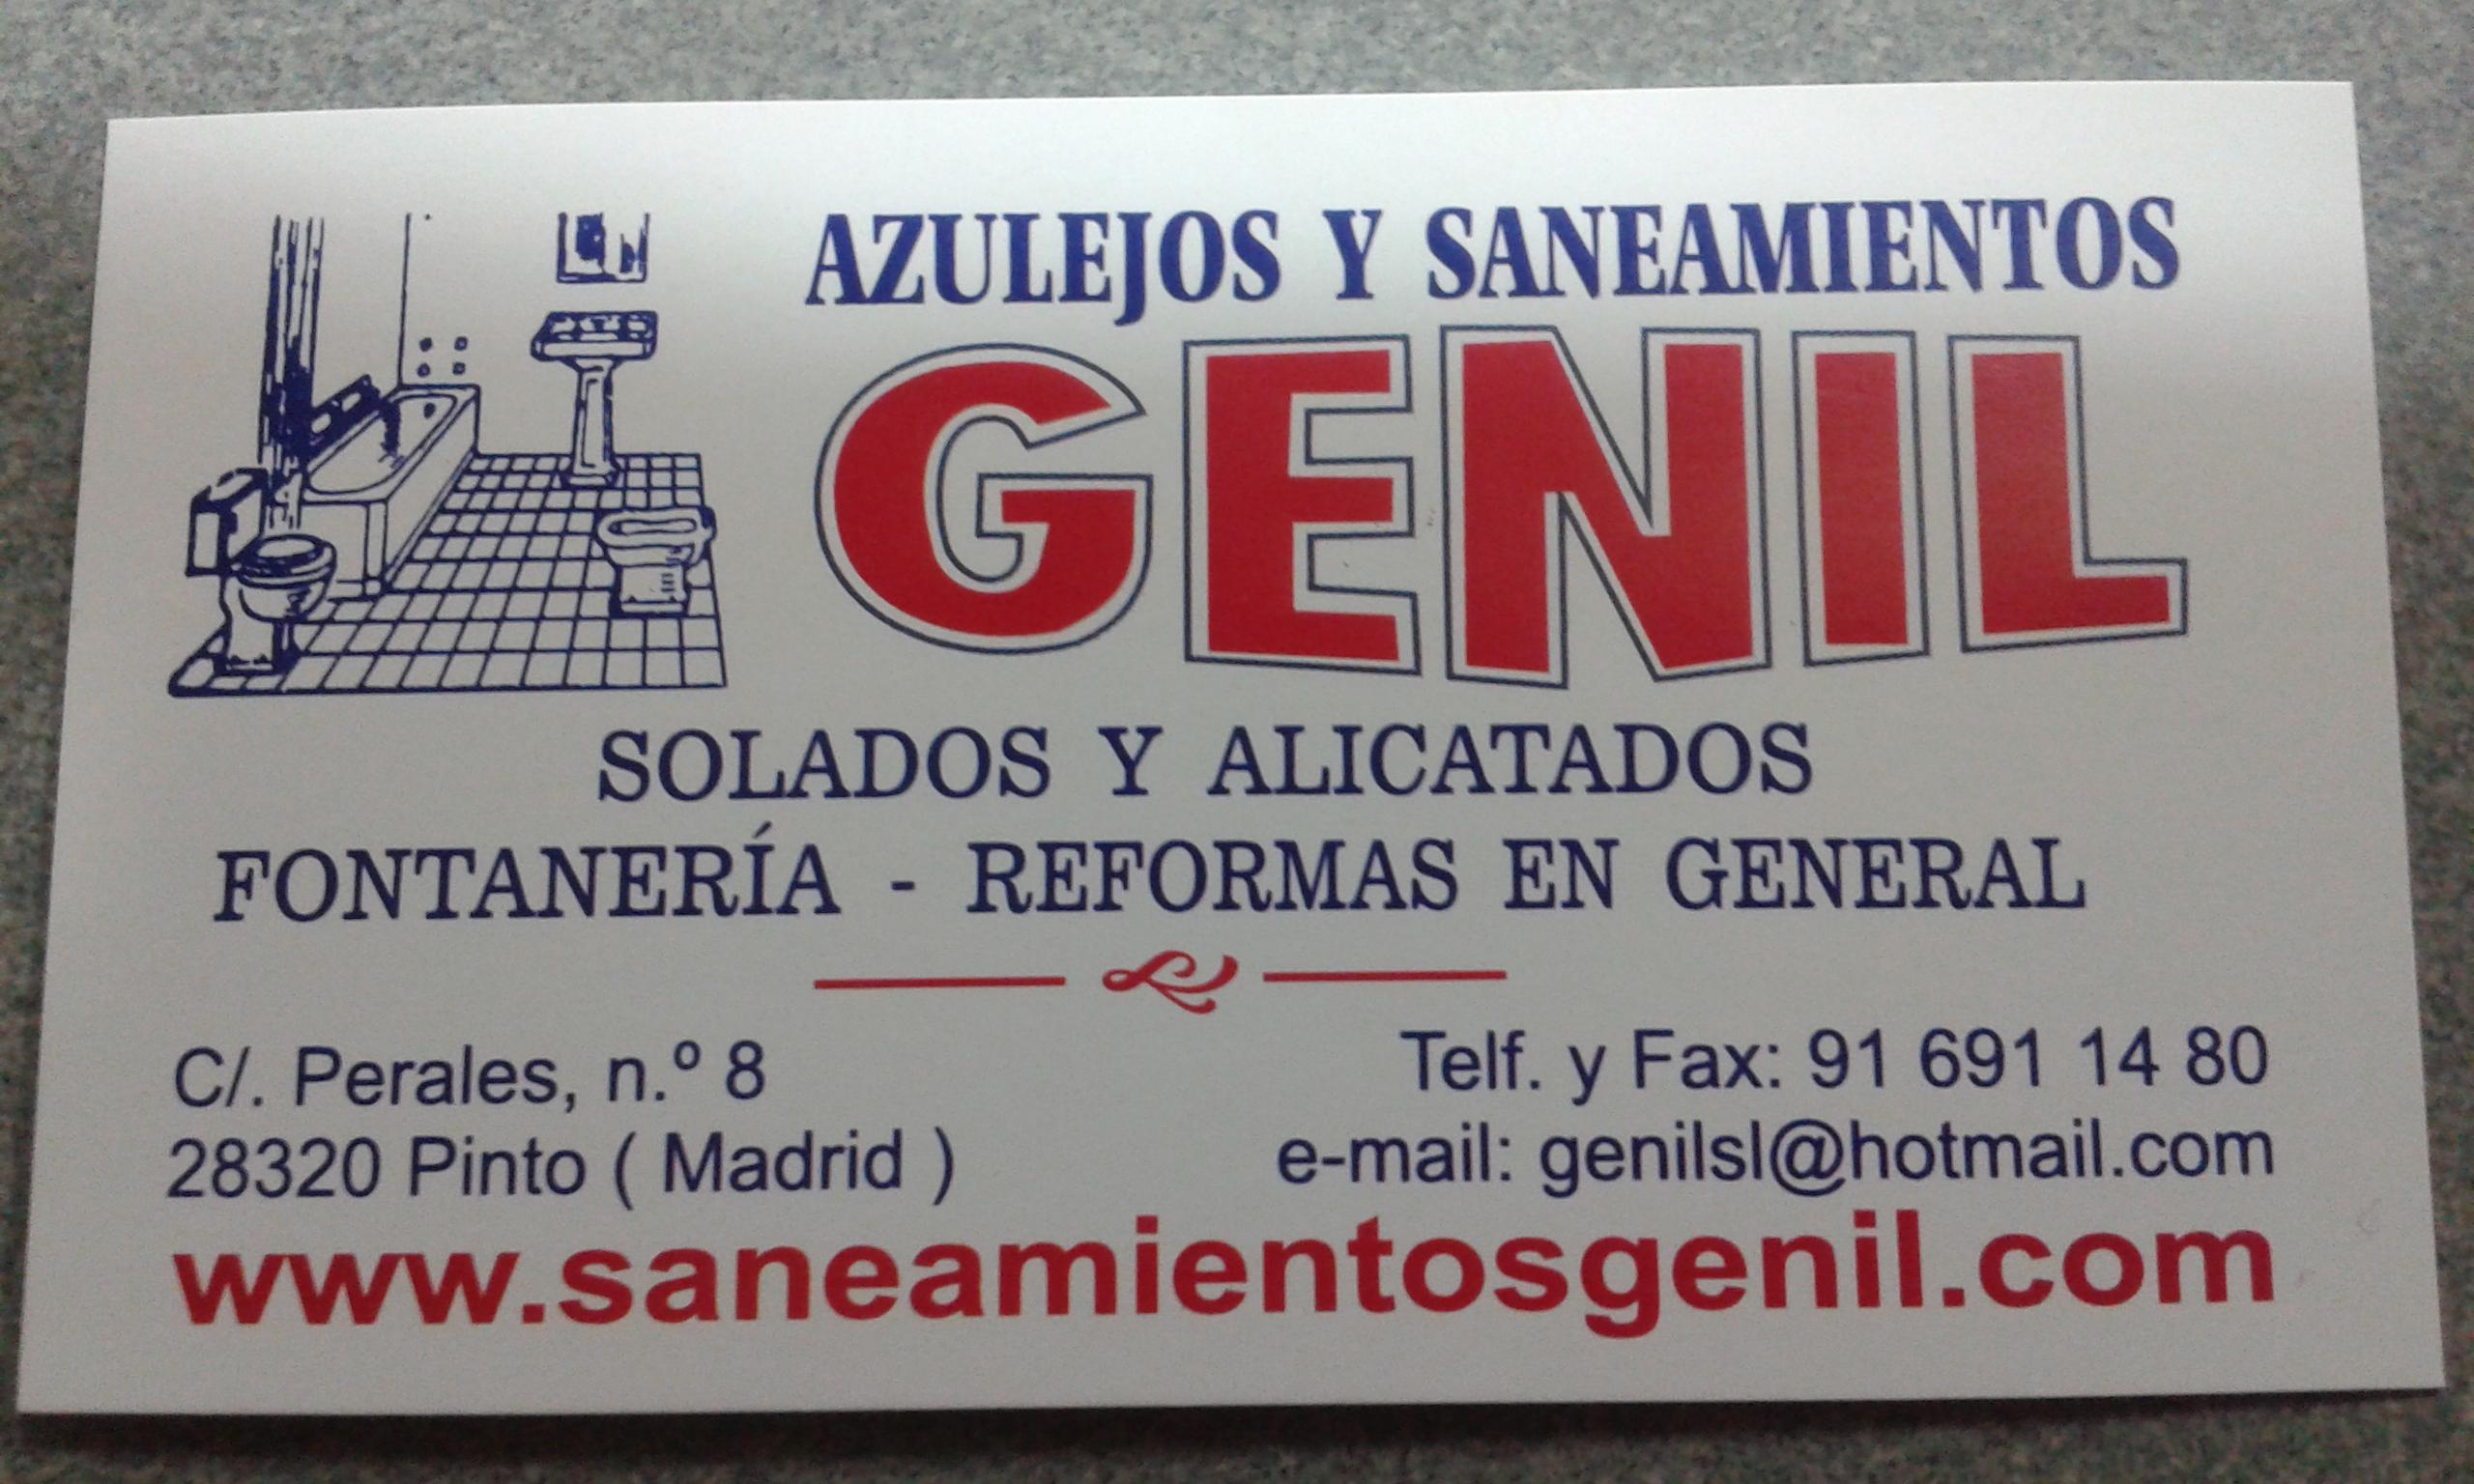 Azulejos Y Saneamientos Genil S.l.